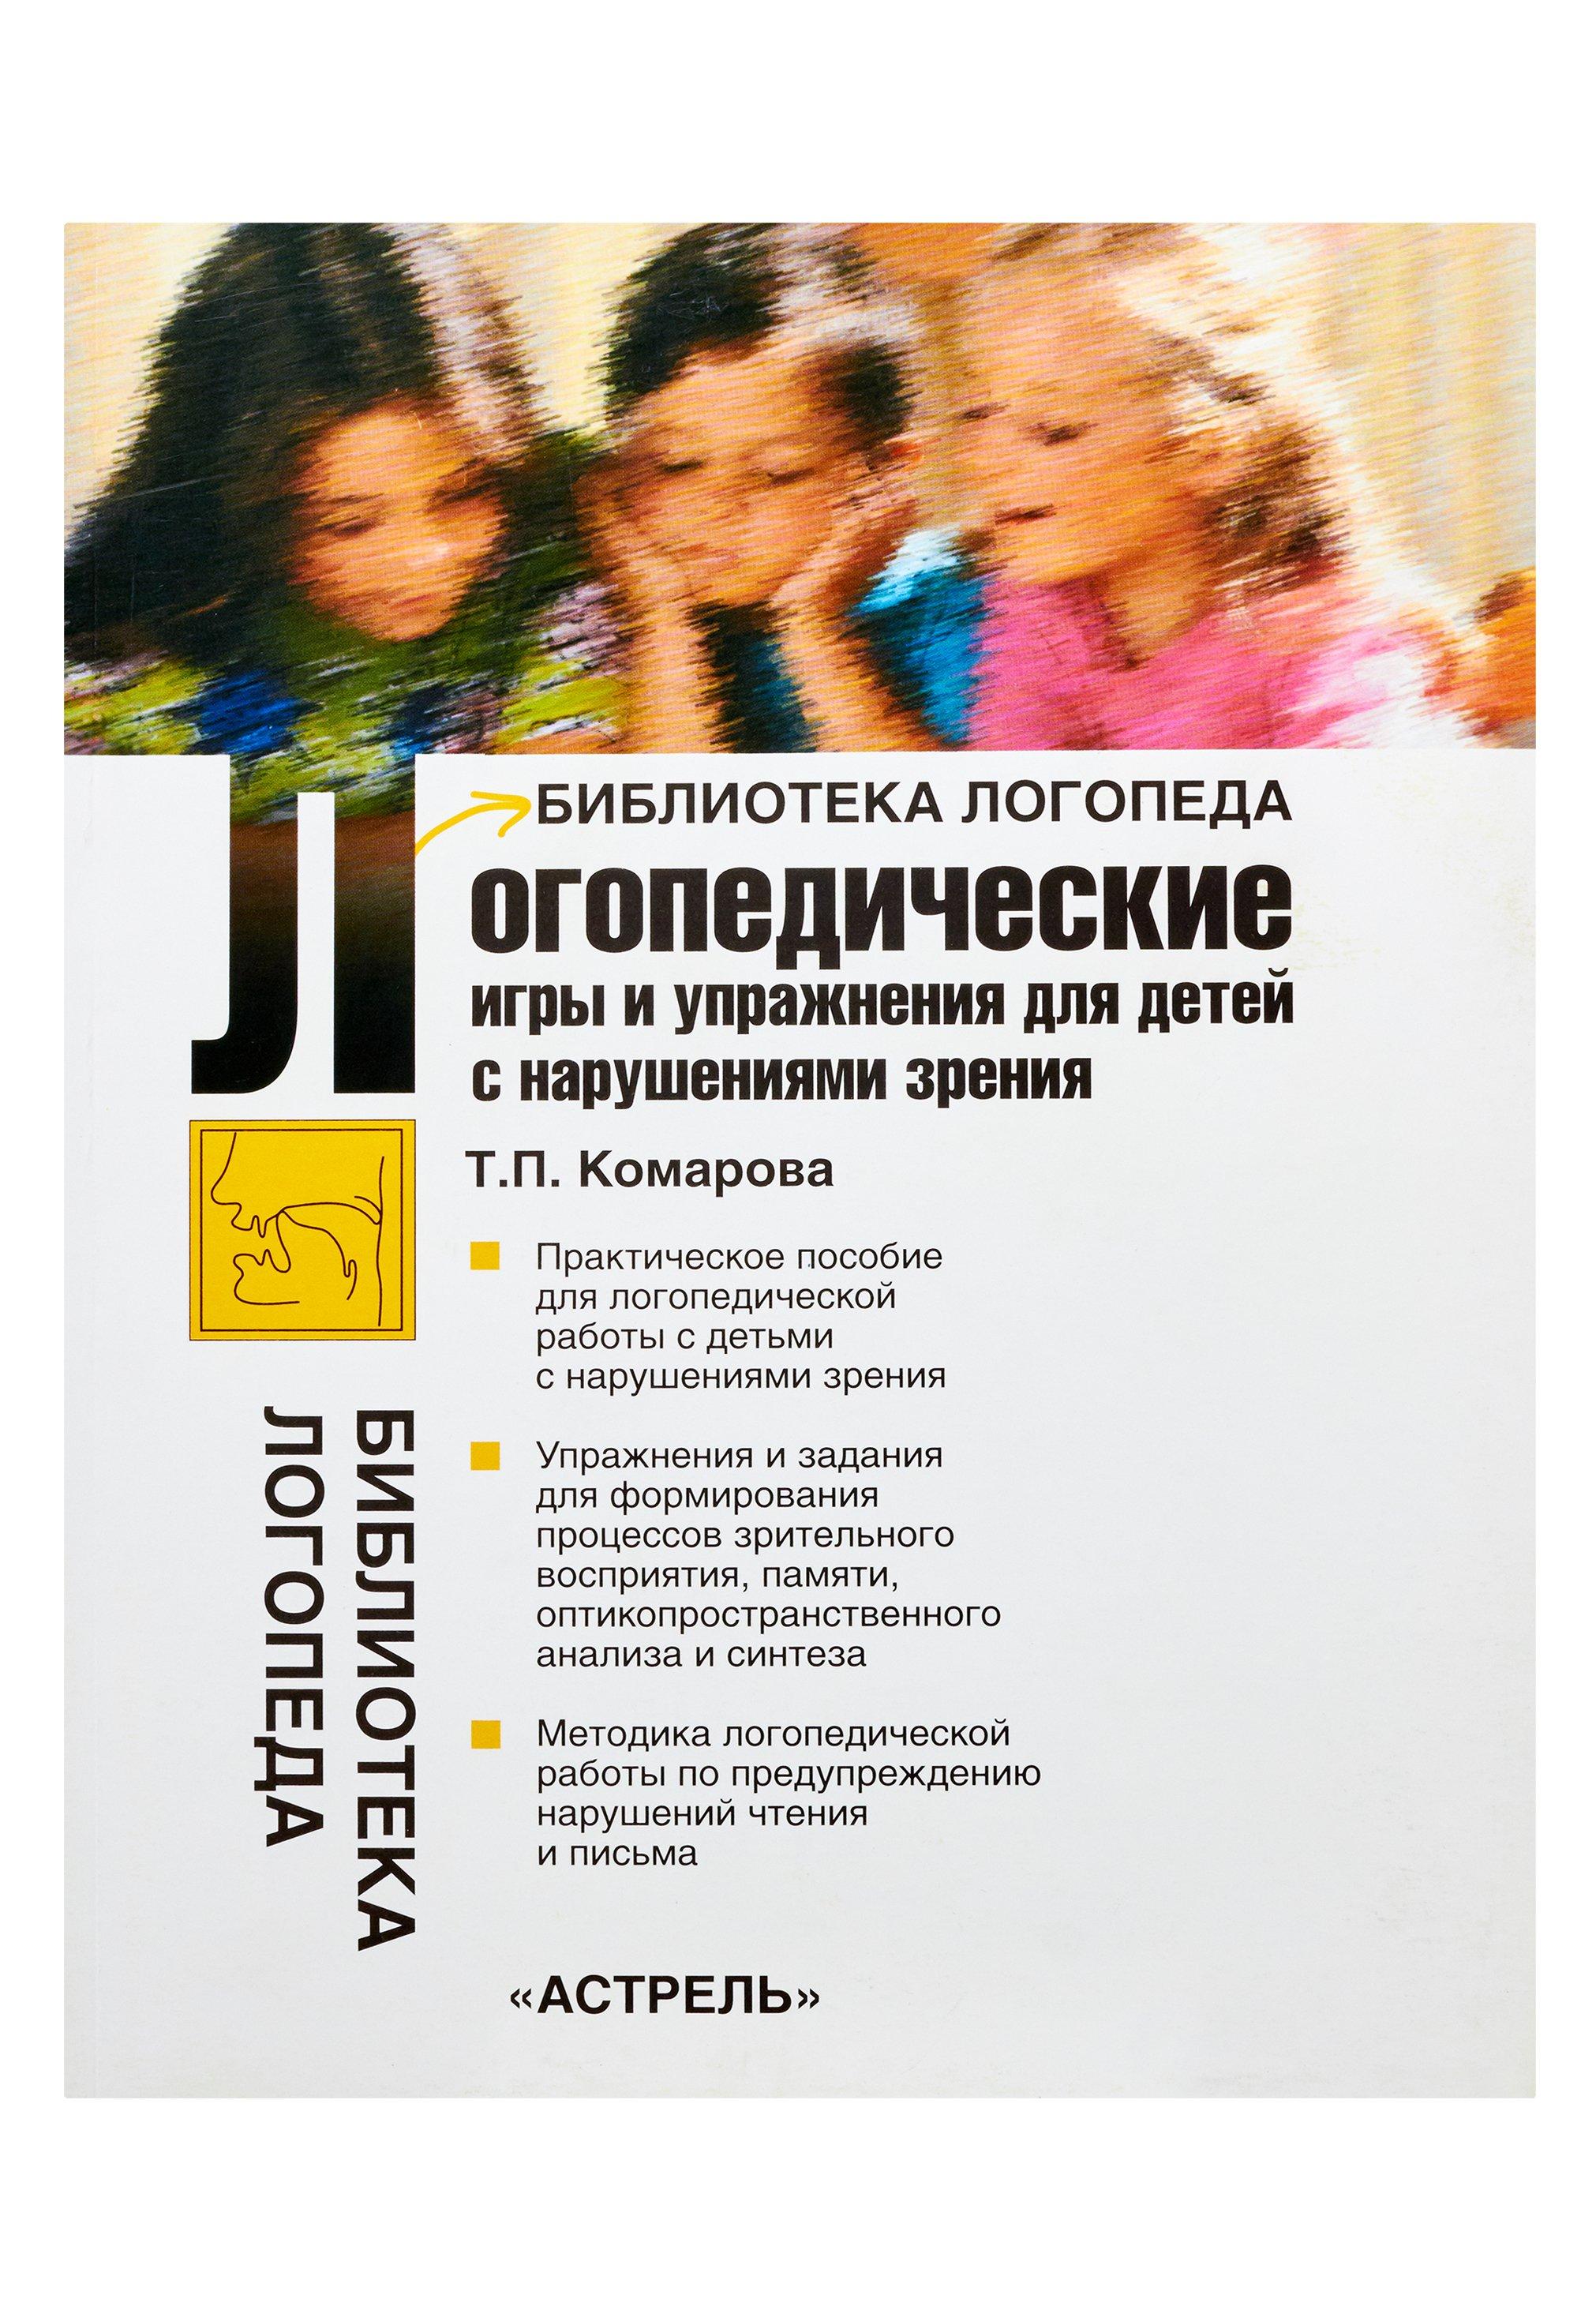 Комарова Т.П. Логопедические игры и упражнения для детей с нарушениями зрения